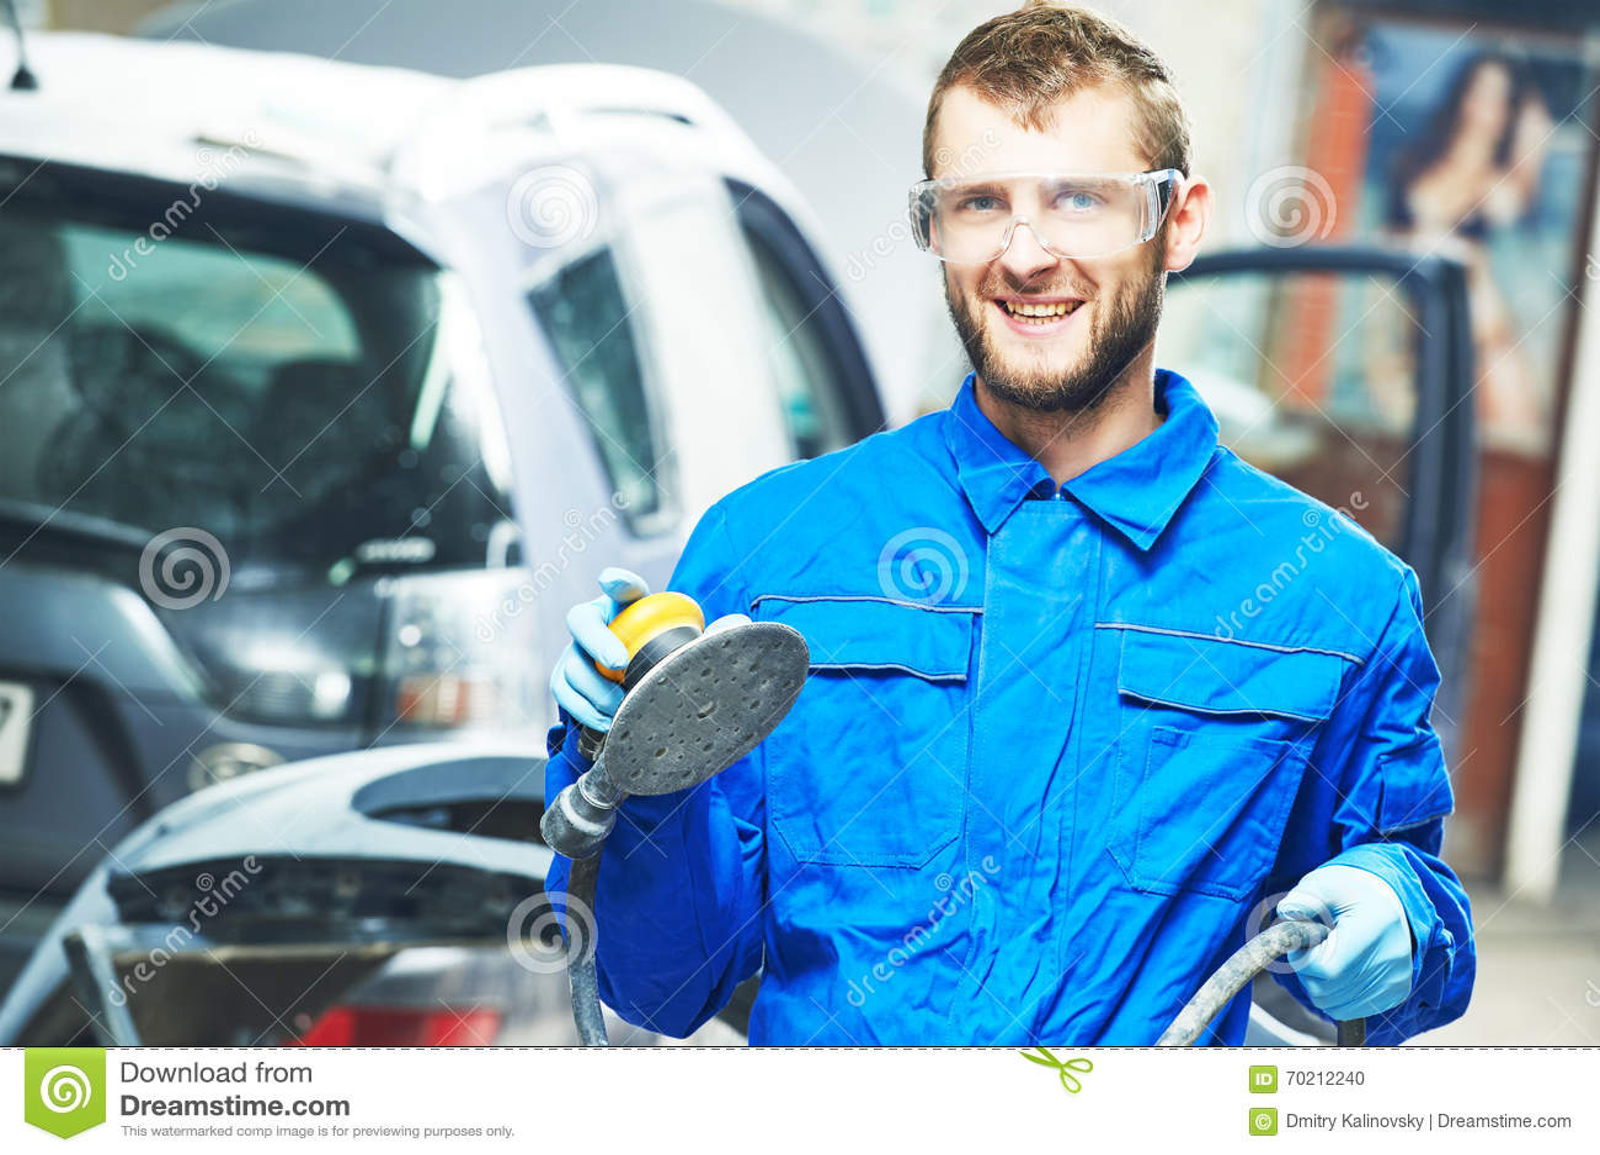 Portrait Of Auto Mechanic Worker With Power Polisher Machine – Machine Mechanic